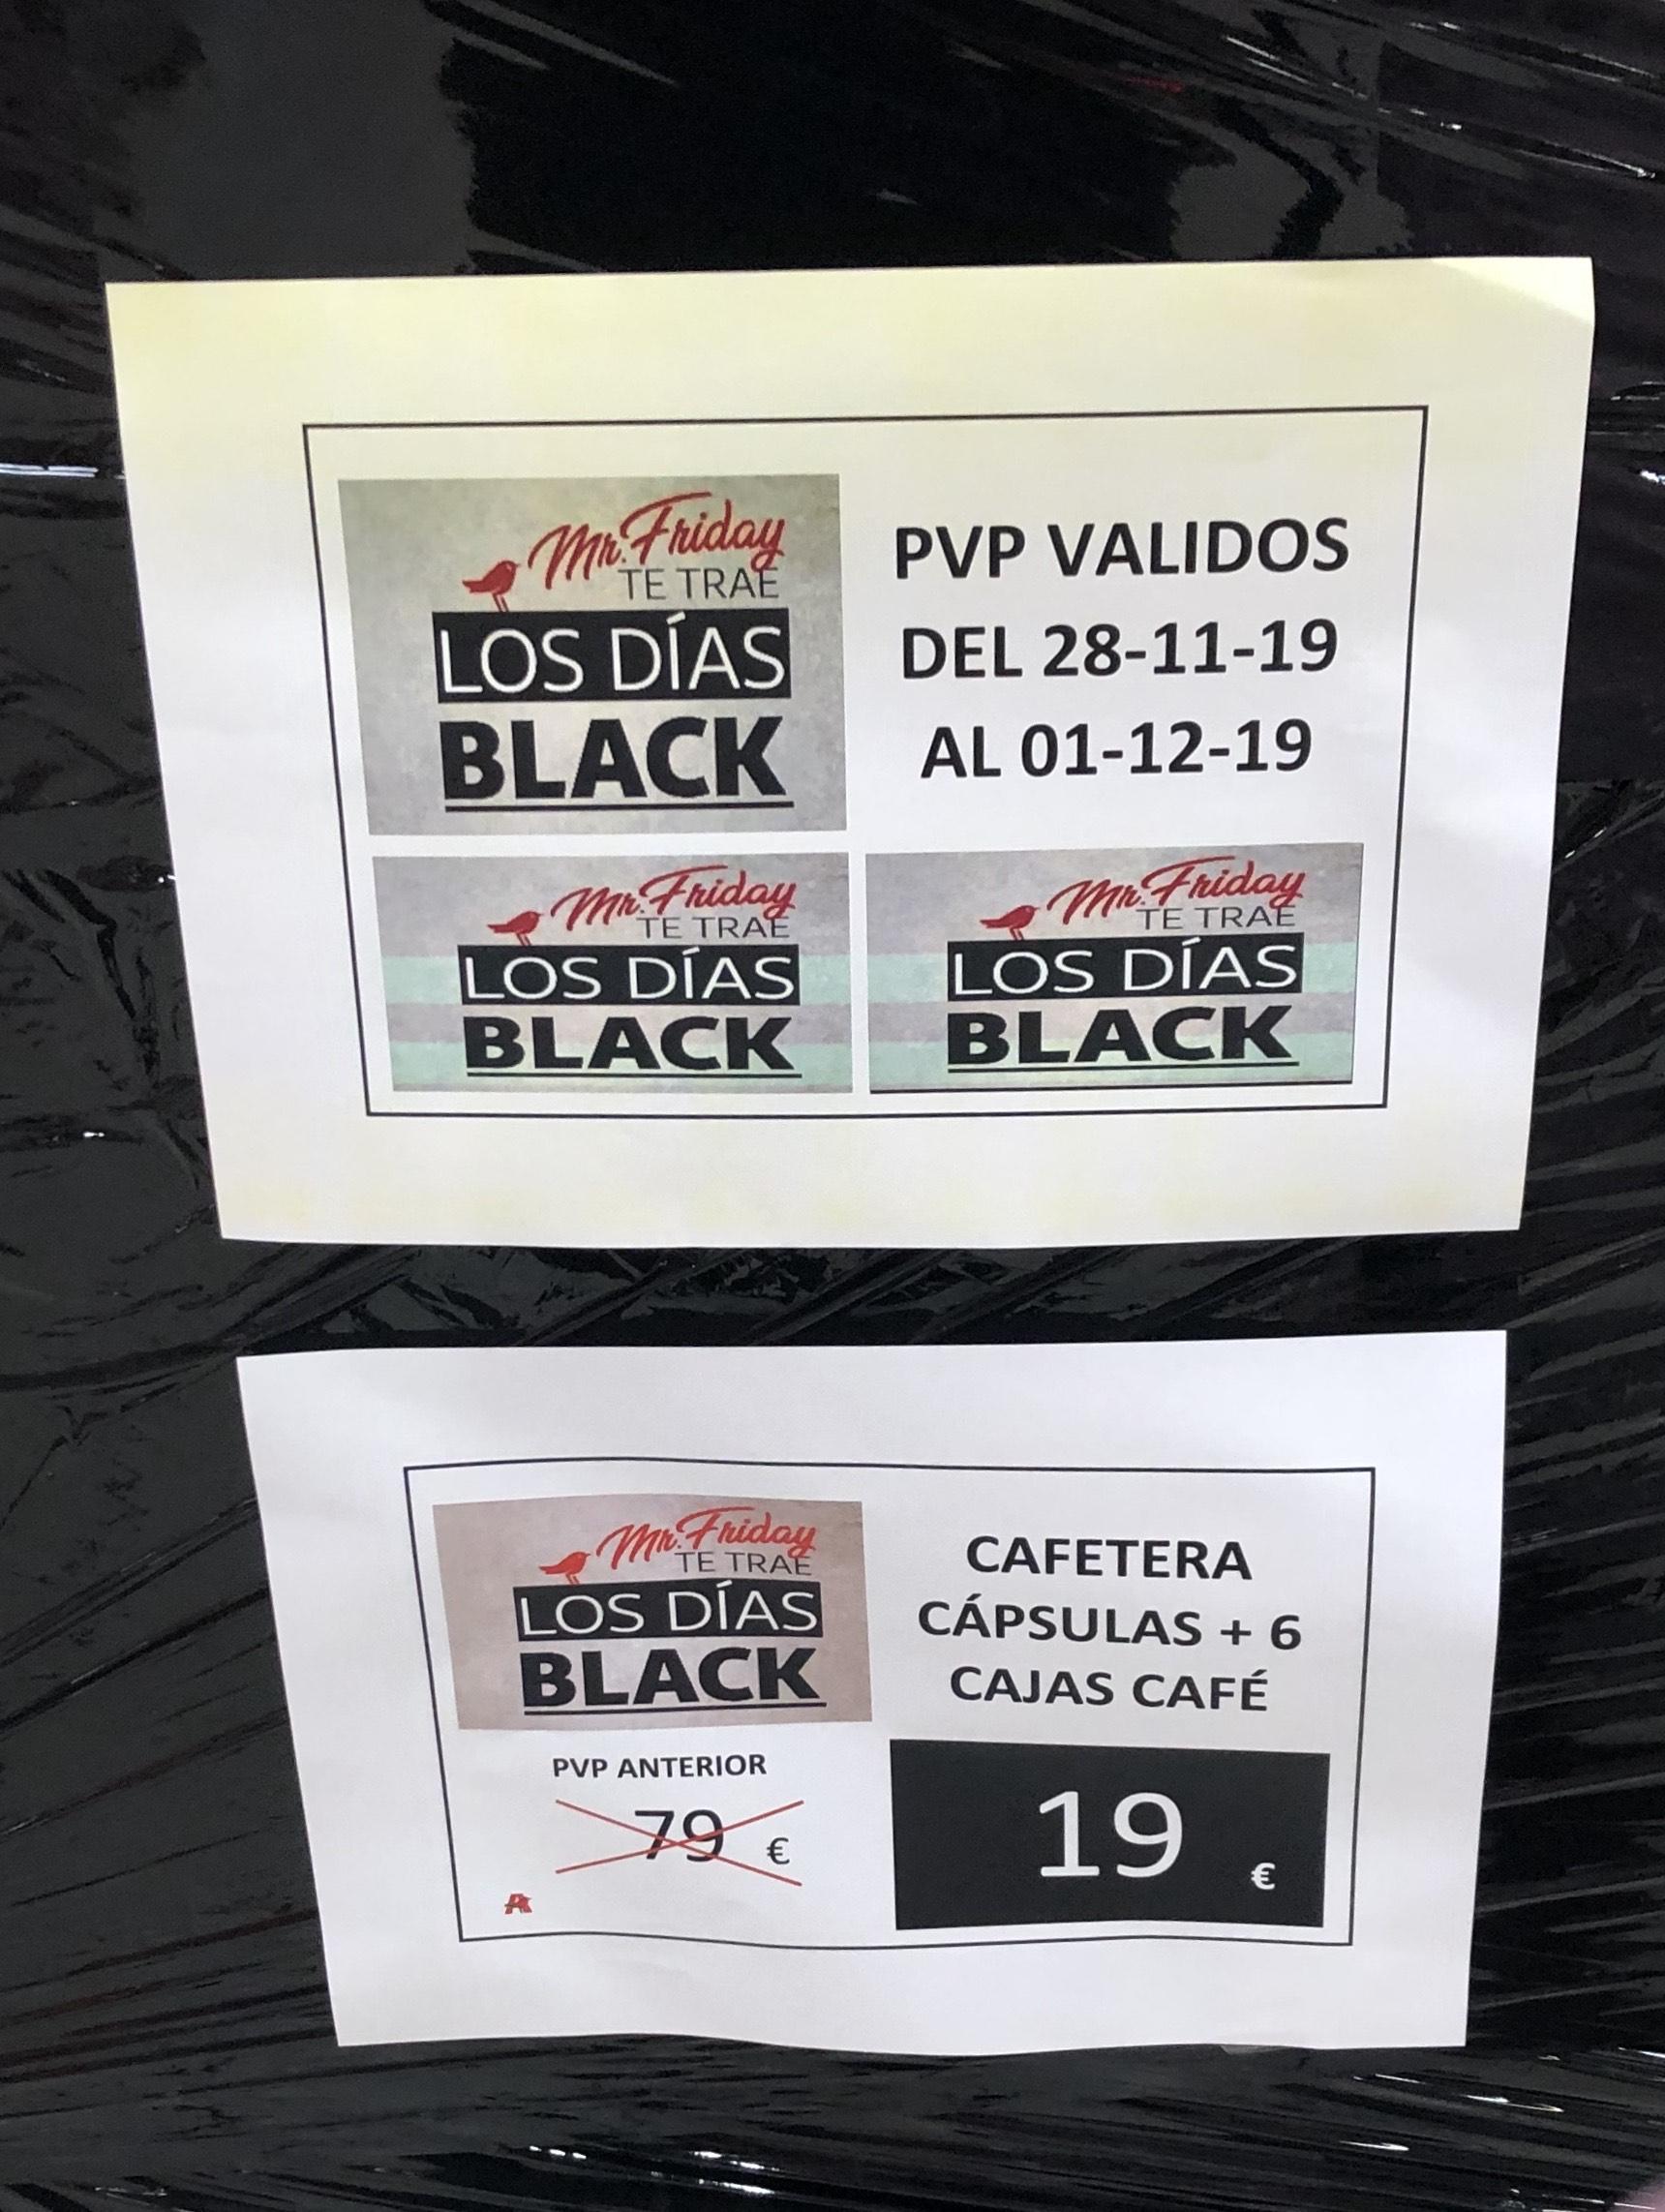 Cafetera Dolce Gusto Piccolo + 6 cajas Café 19€